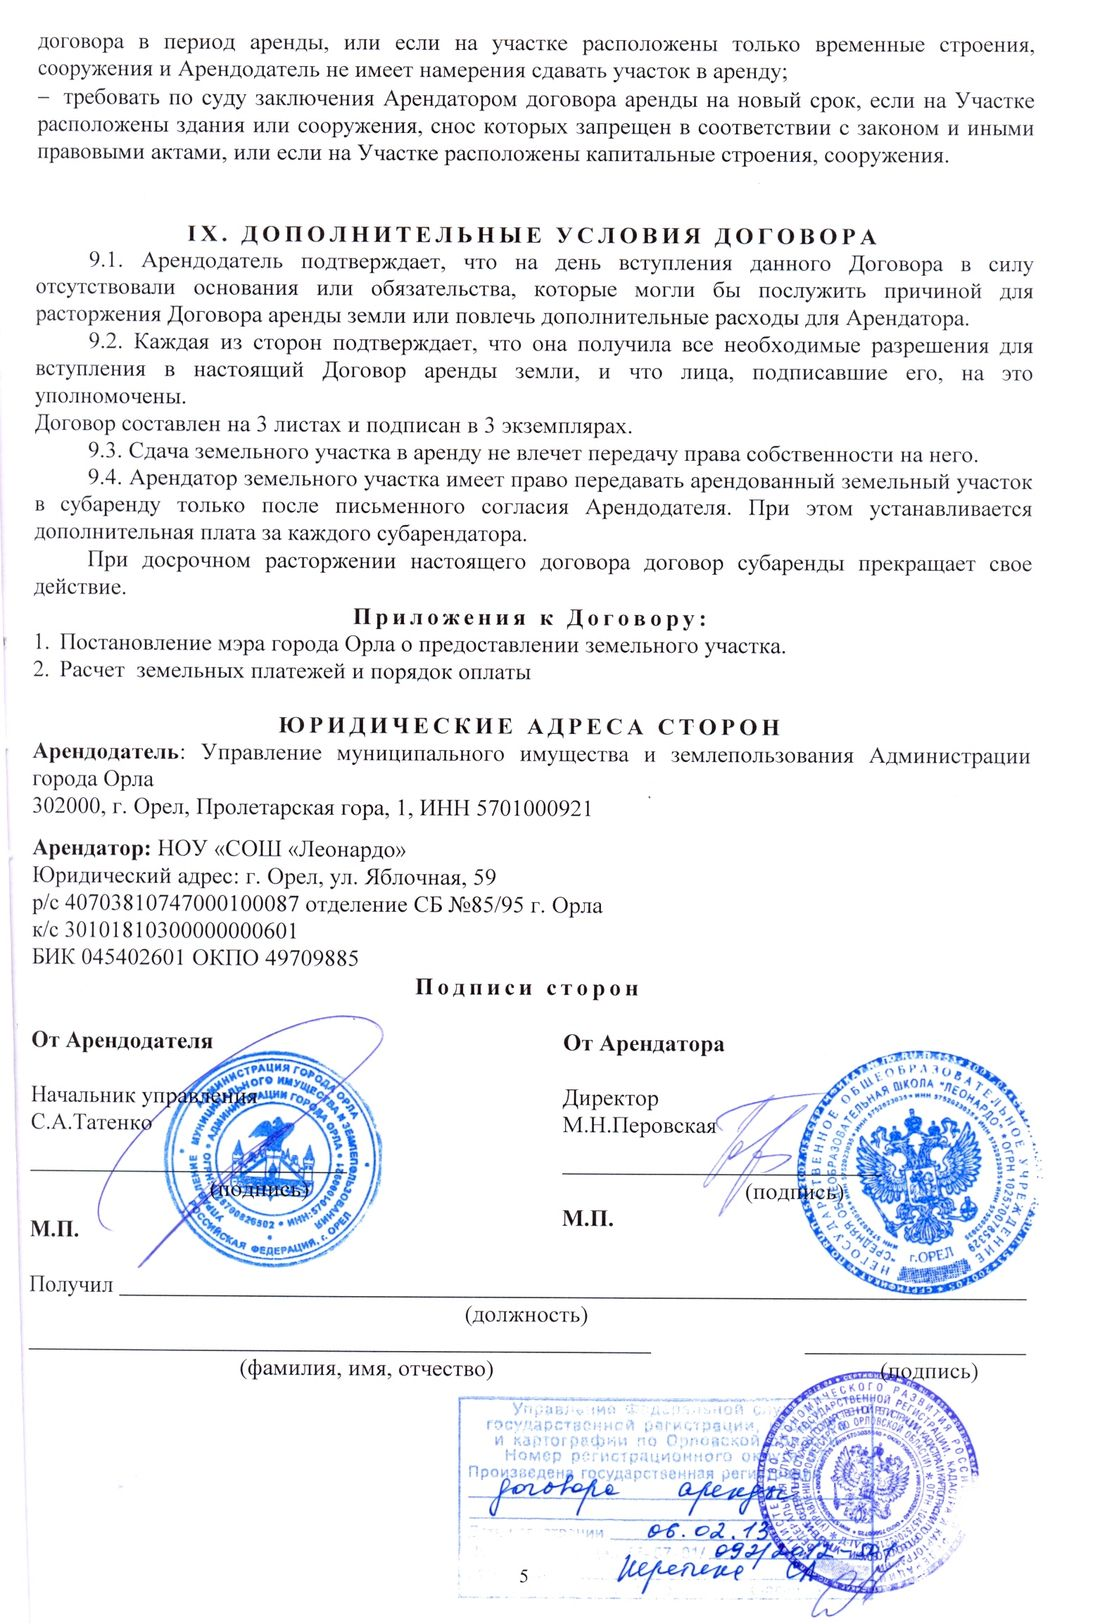 арендатор не регистрирует договор аренды земельного участка Твой